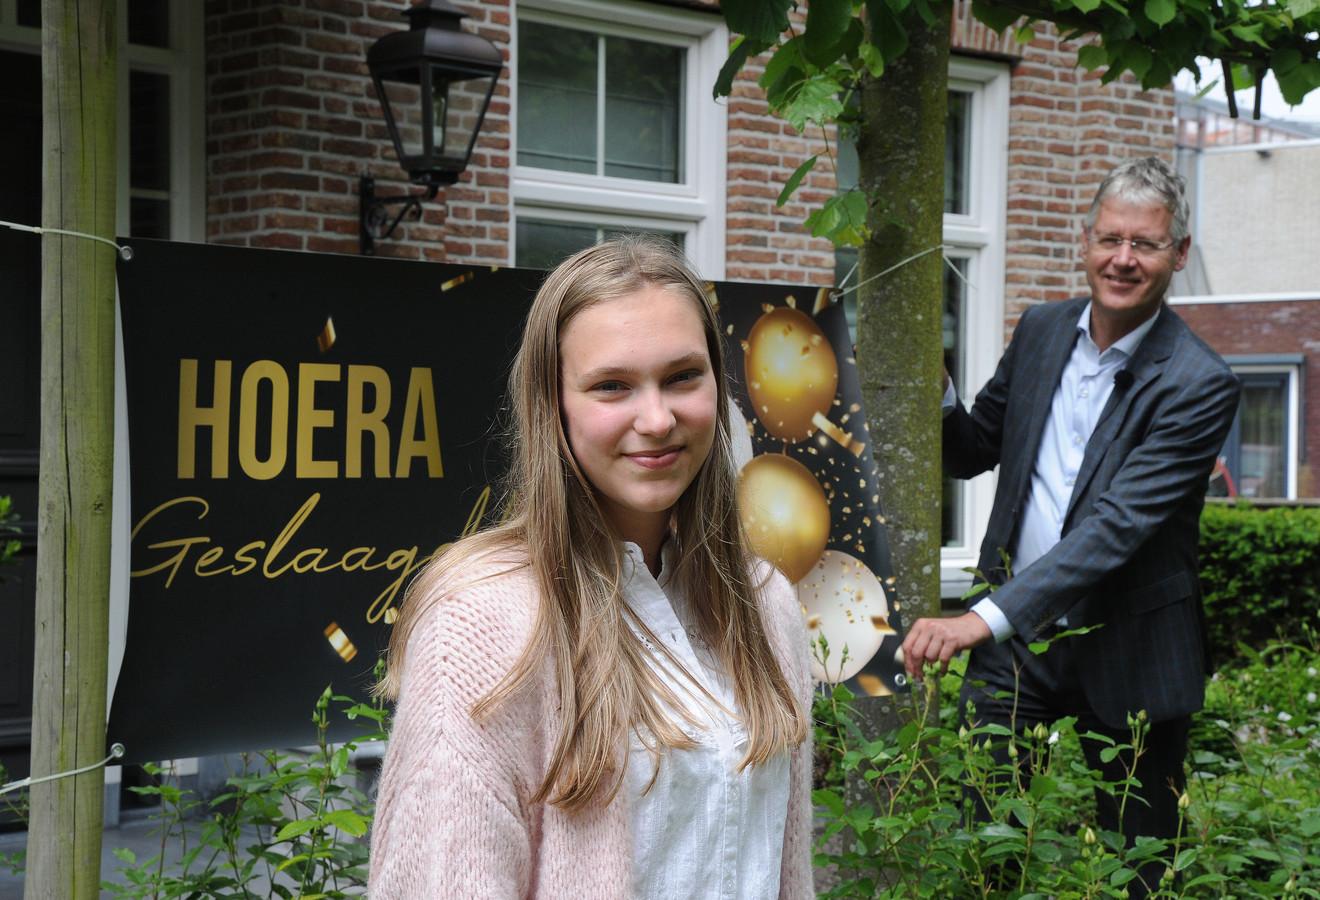 Roos Bimmel uit Domburg kreeg donderdag onverwacht bezoek en hoorde van de minister zelf dat ze geslaagd is.